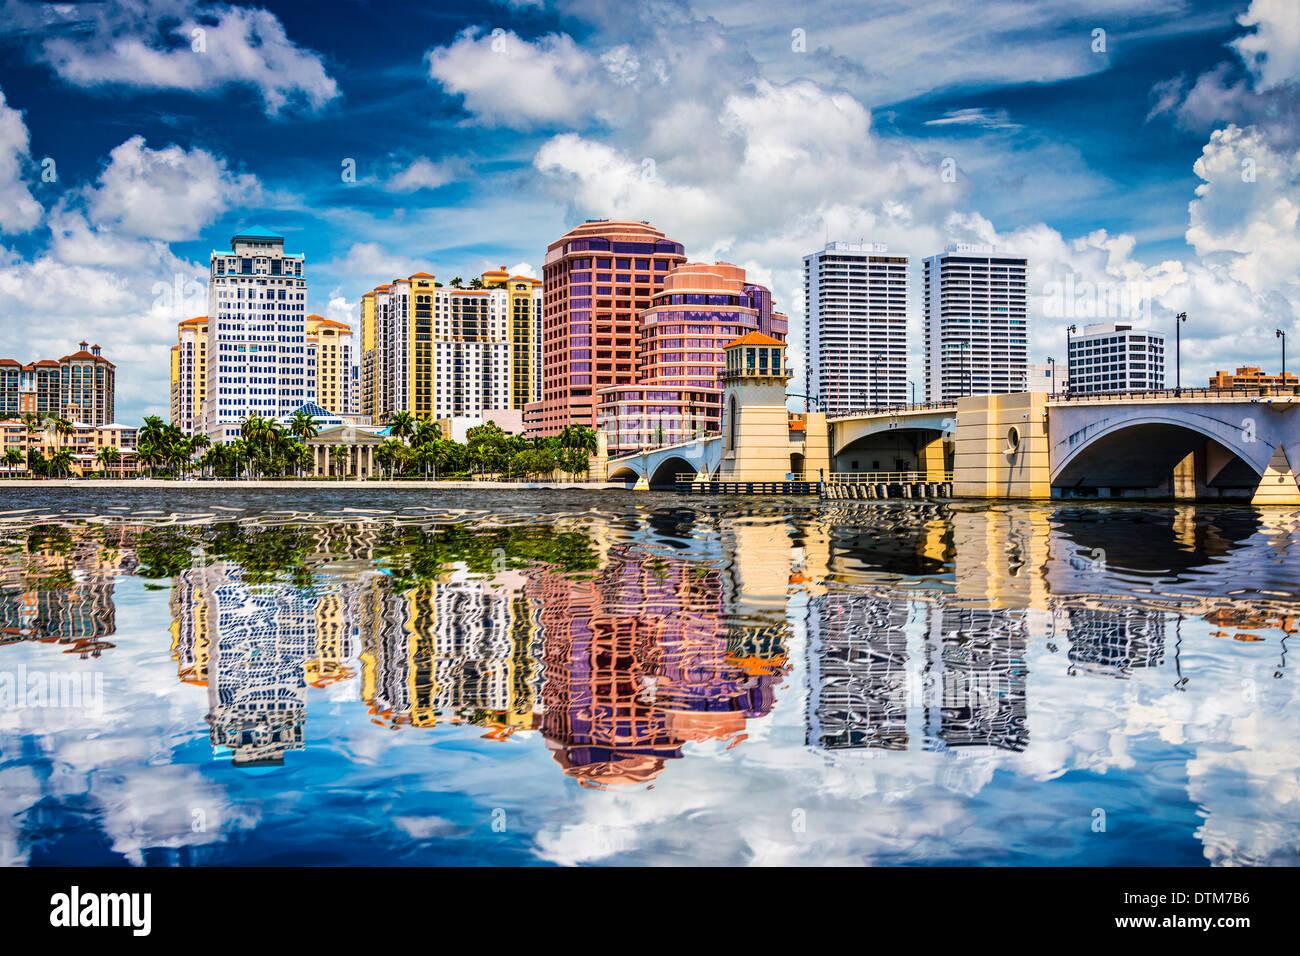 West Palm Beach, Florida, EE.UU. el centro a través de la Intracoastal waterway. Imagen De Stock